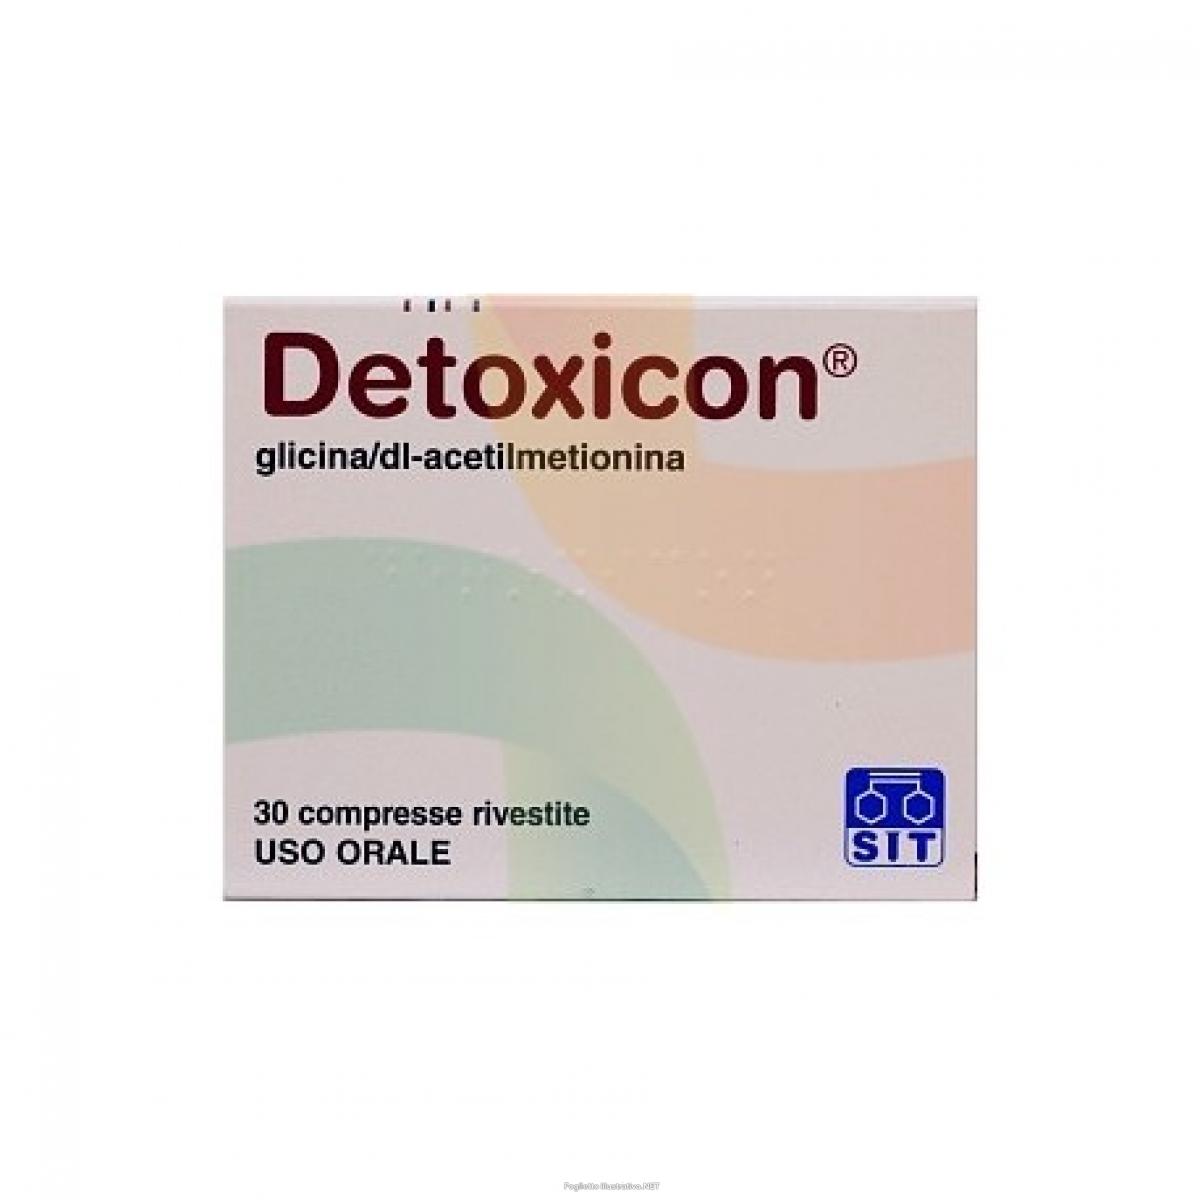 detoxicon prezzo migliori prodotti per la pulizia interna